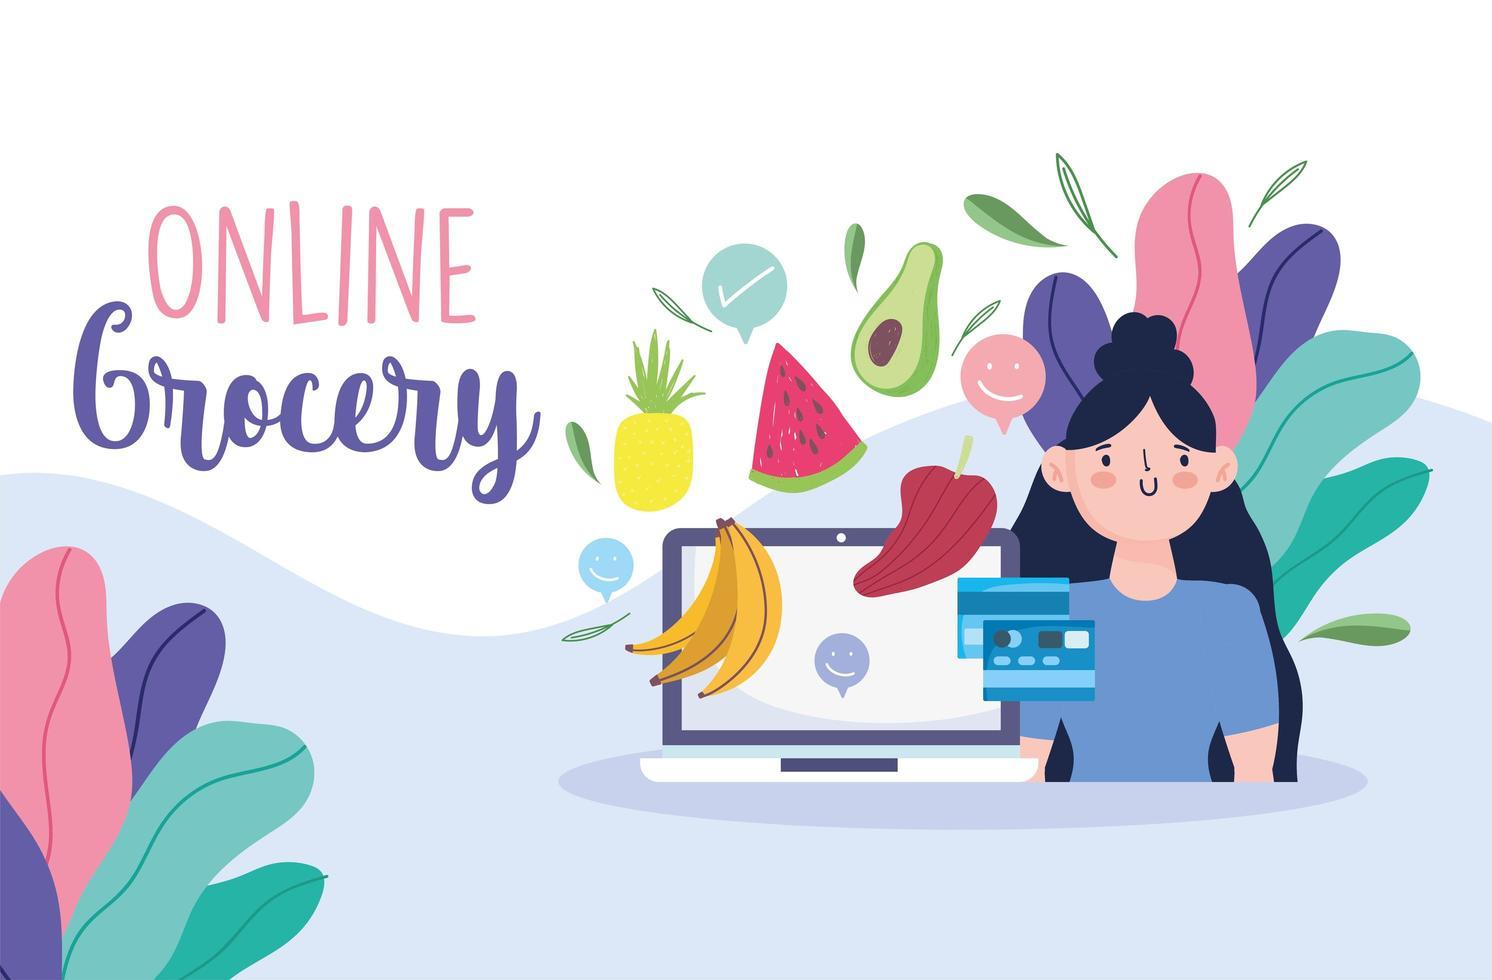 livsmedelsbutik online banner mall med laptop, kreditkort och grönsaker vektor